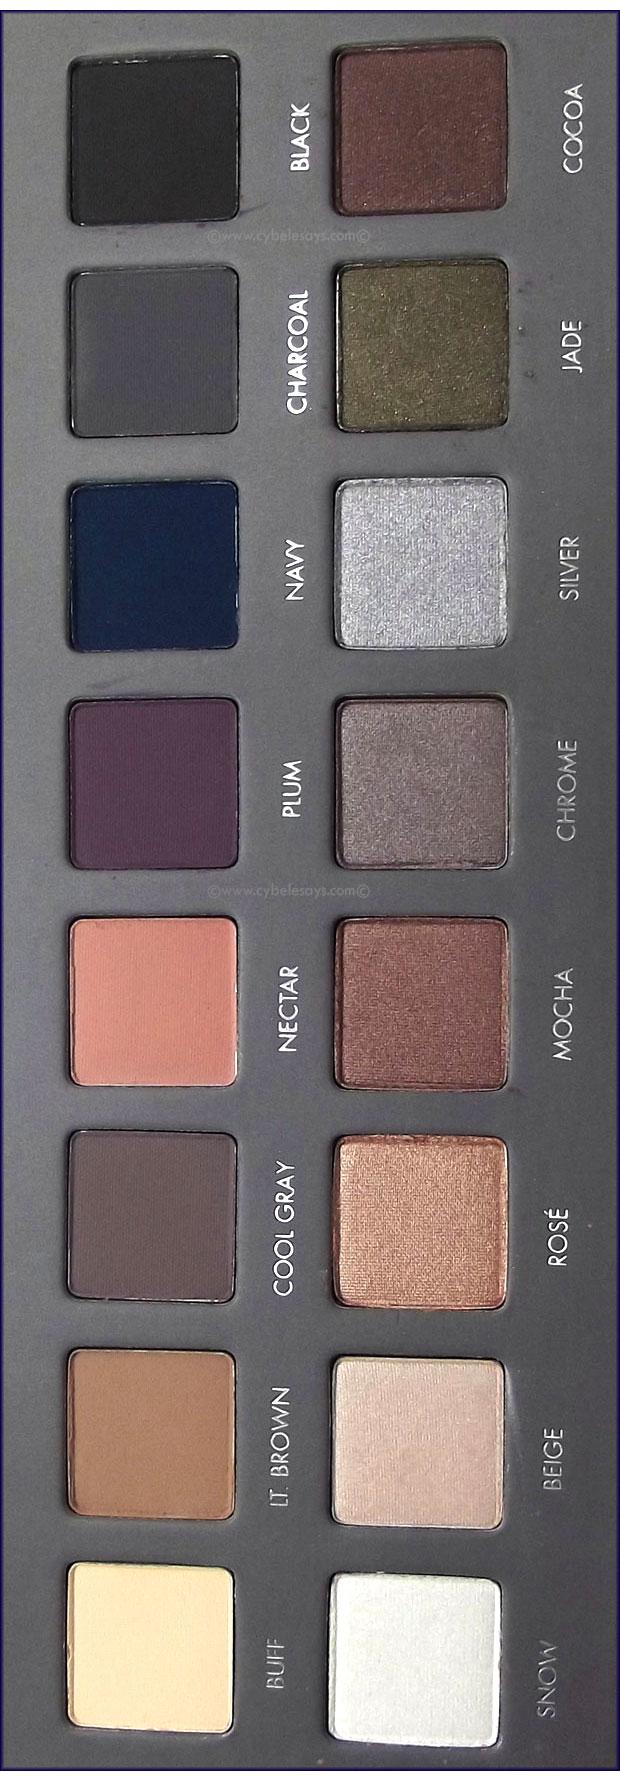 LORAC-Pro-Palette-2-front